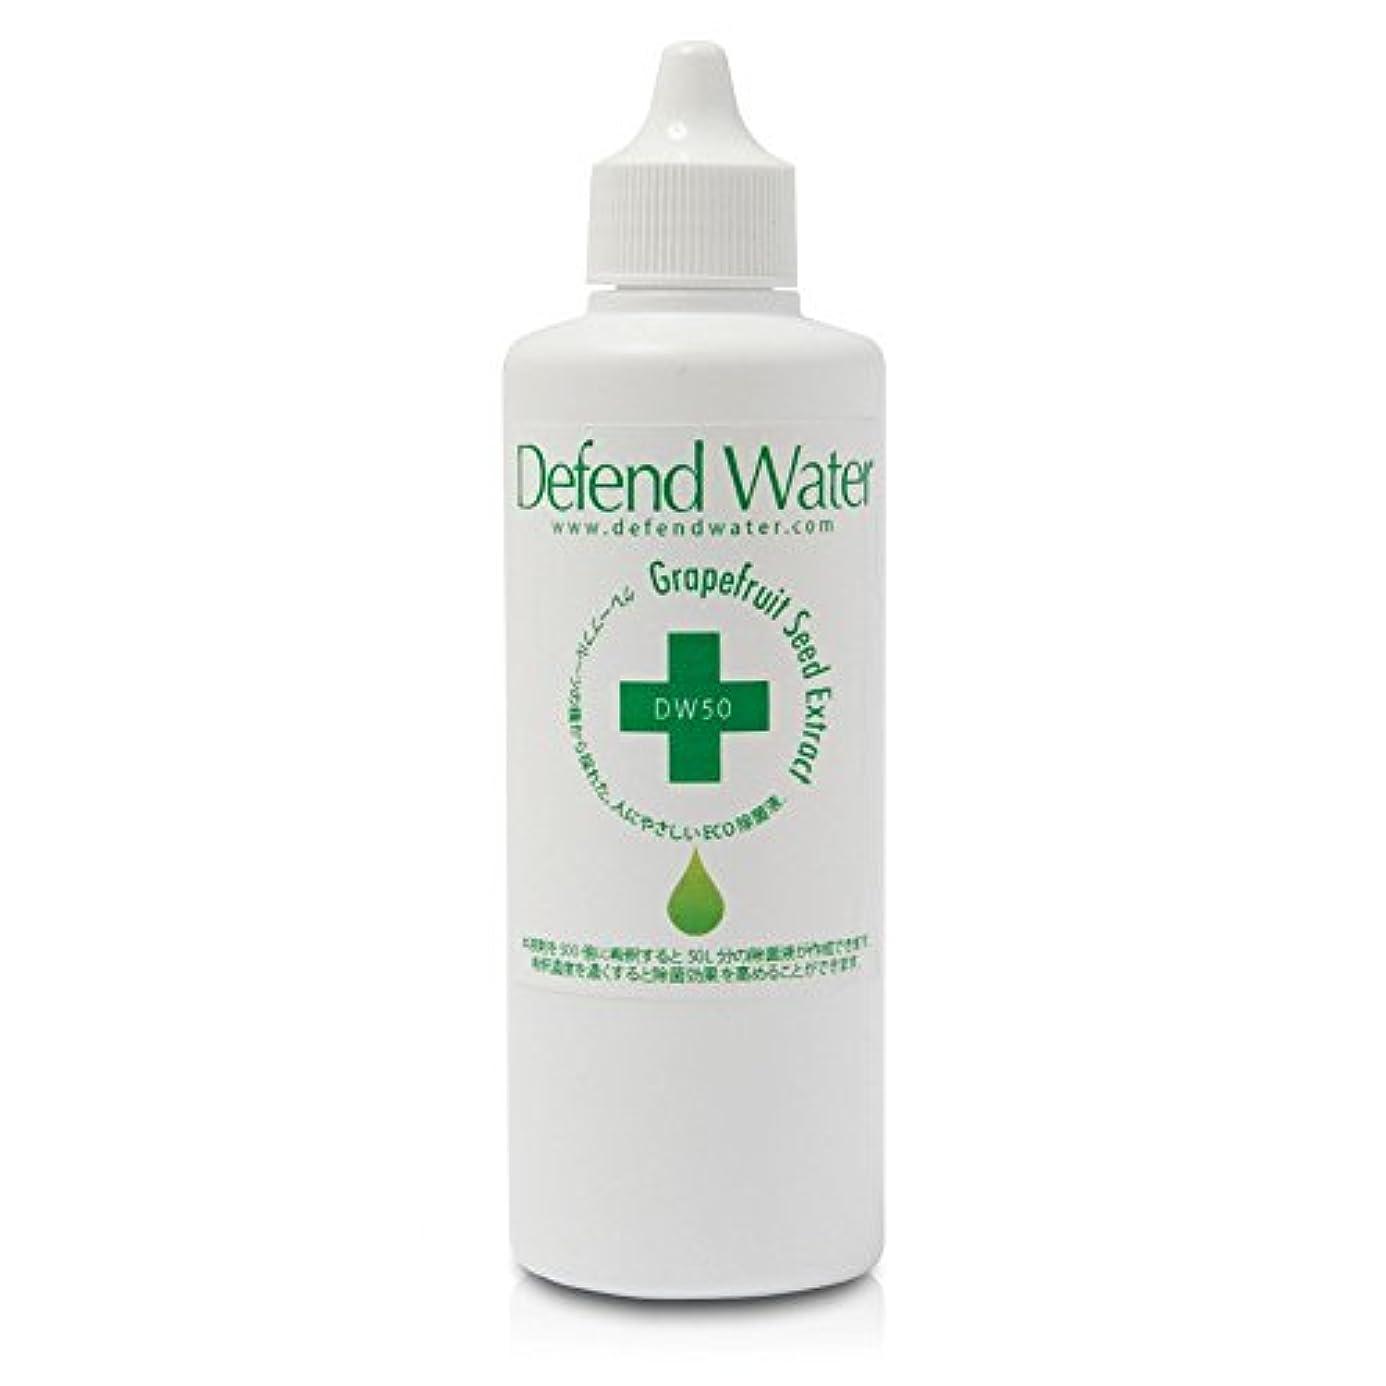 結婚姉妹しなやかアロマオイルと一緒に使う空間除菌液、天然エコ除菌液「ディフェンドウォーター」DW50